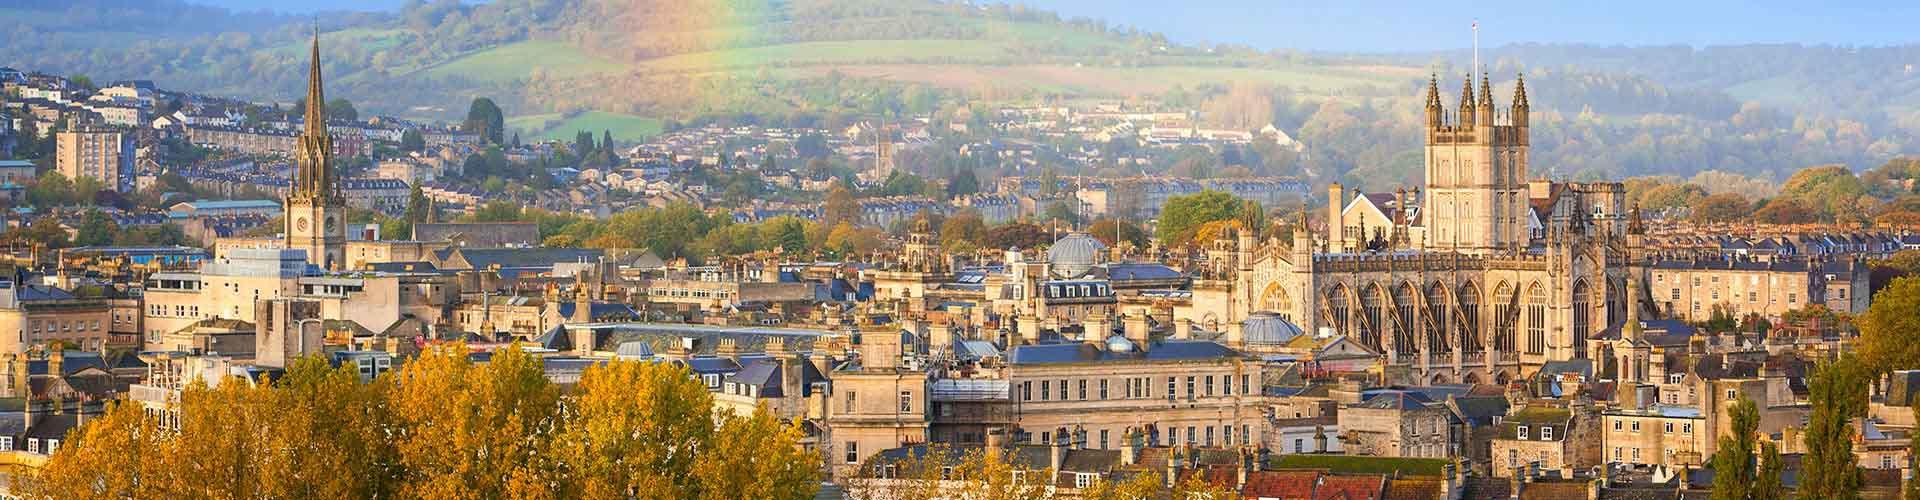 Bath - Schroniska Młodzieżowe w mieście Bath, Mapy dla miasta Bath, Zdjęcia i Recenzje dla każdego Schroniska Młodzieżowego w mieście Bath.